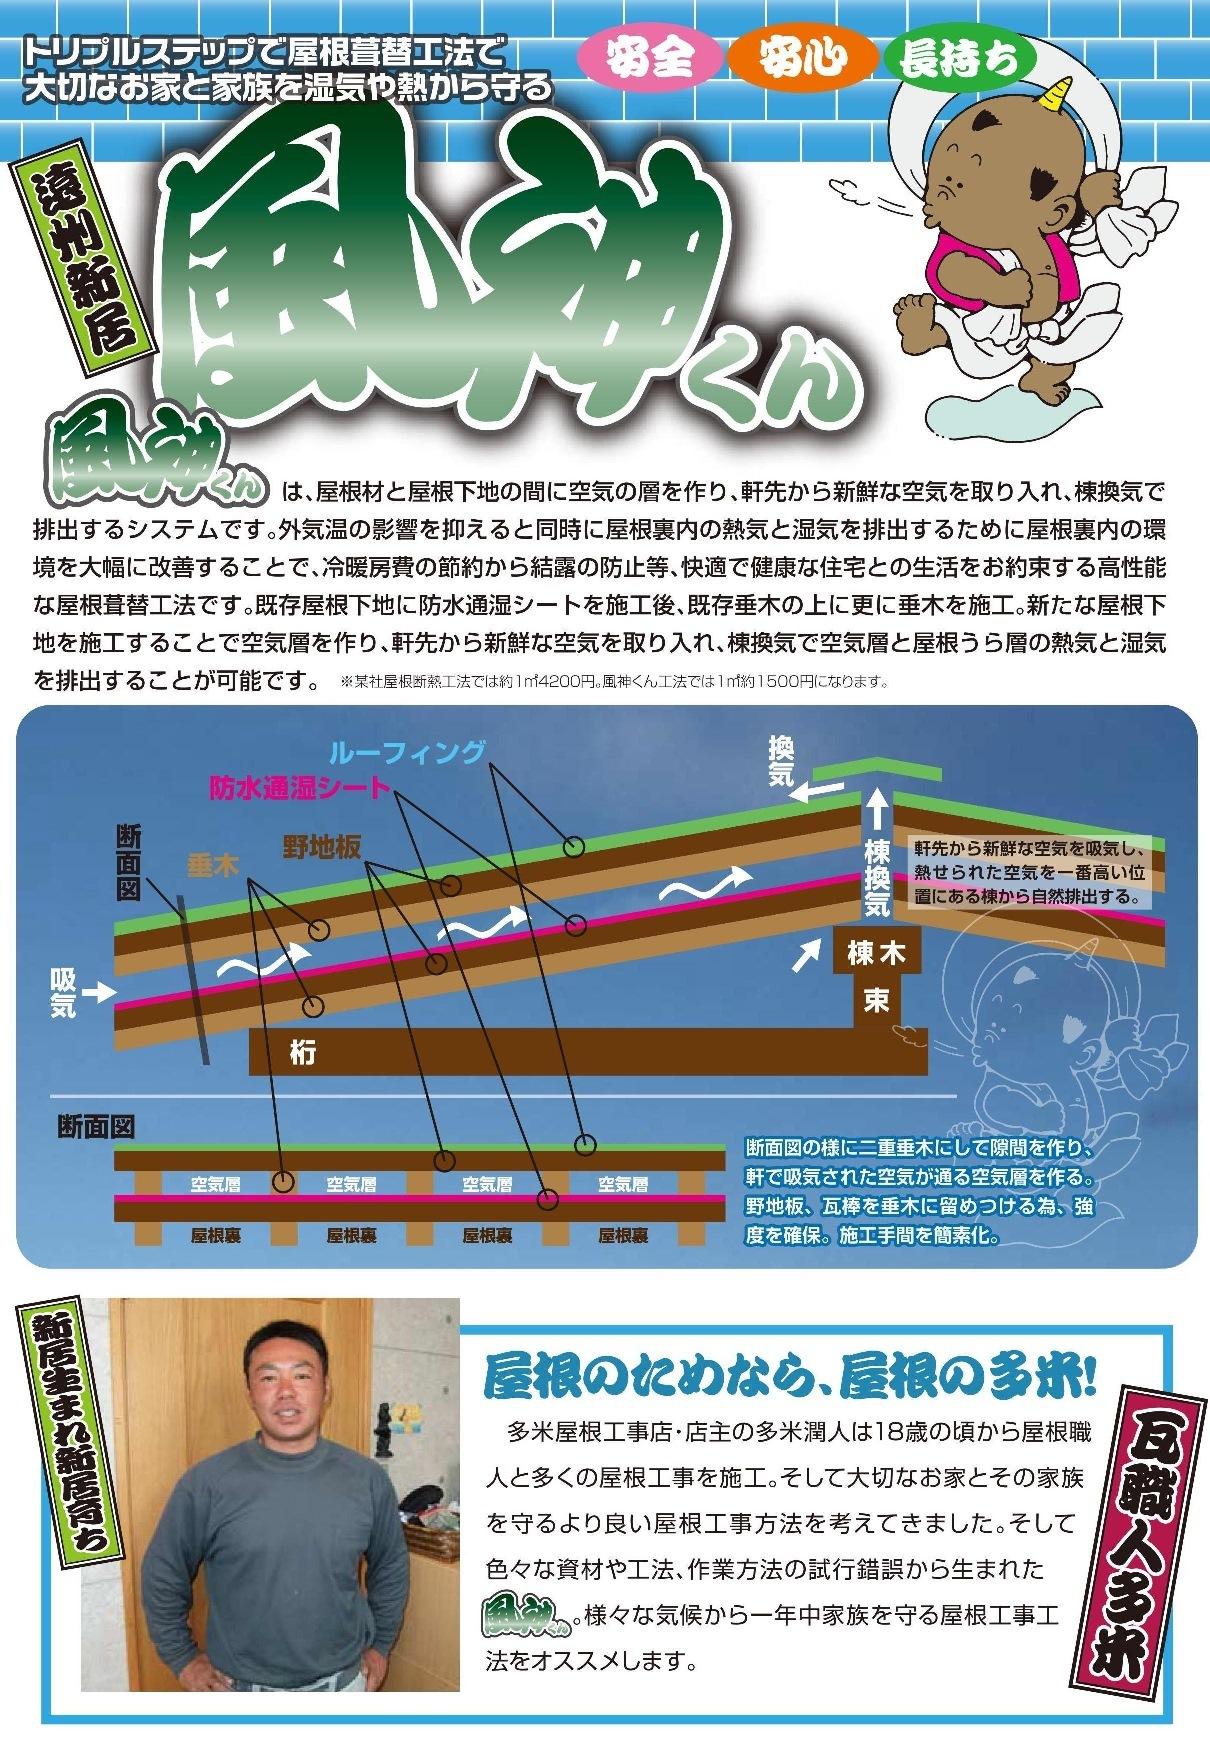 多米屋根工事パンフレット02a.jpg